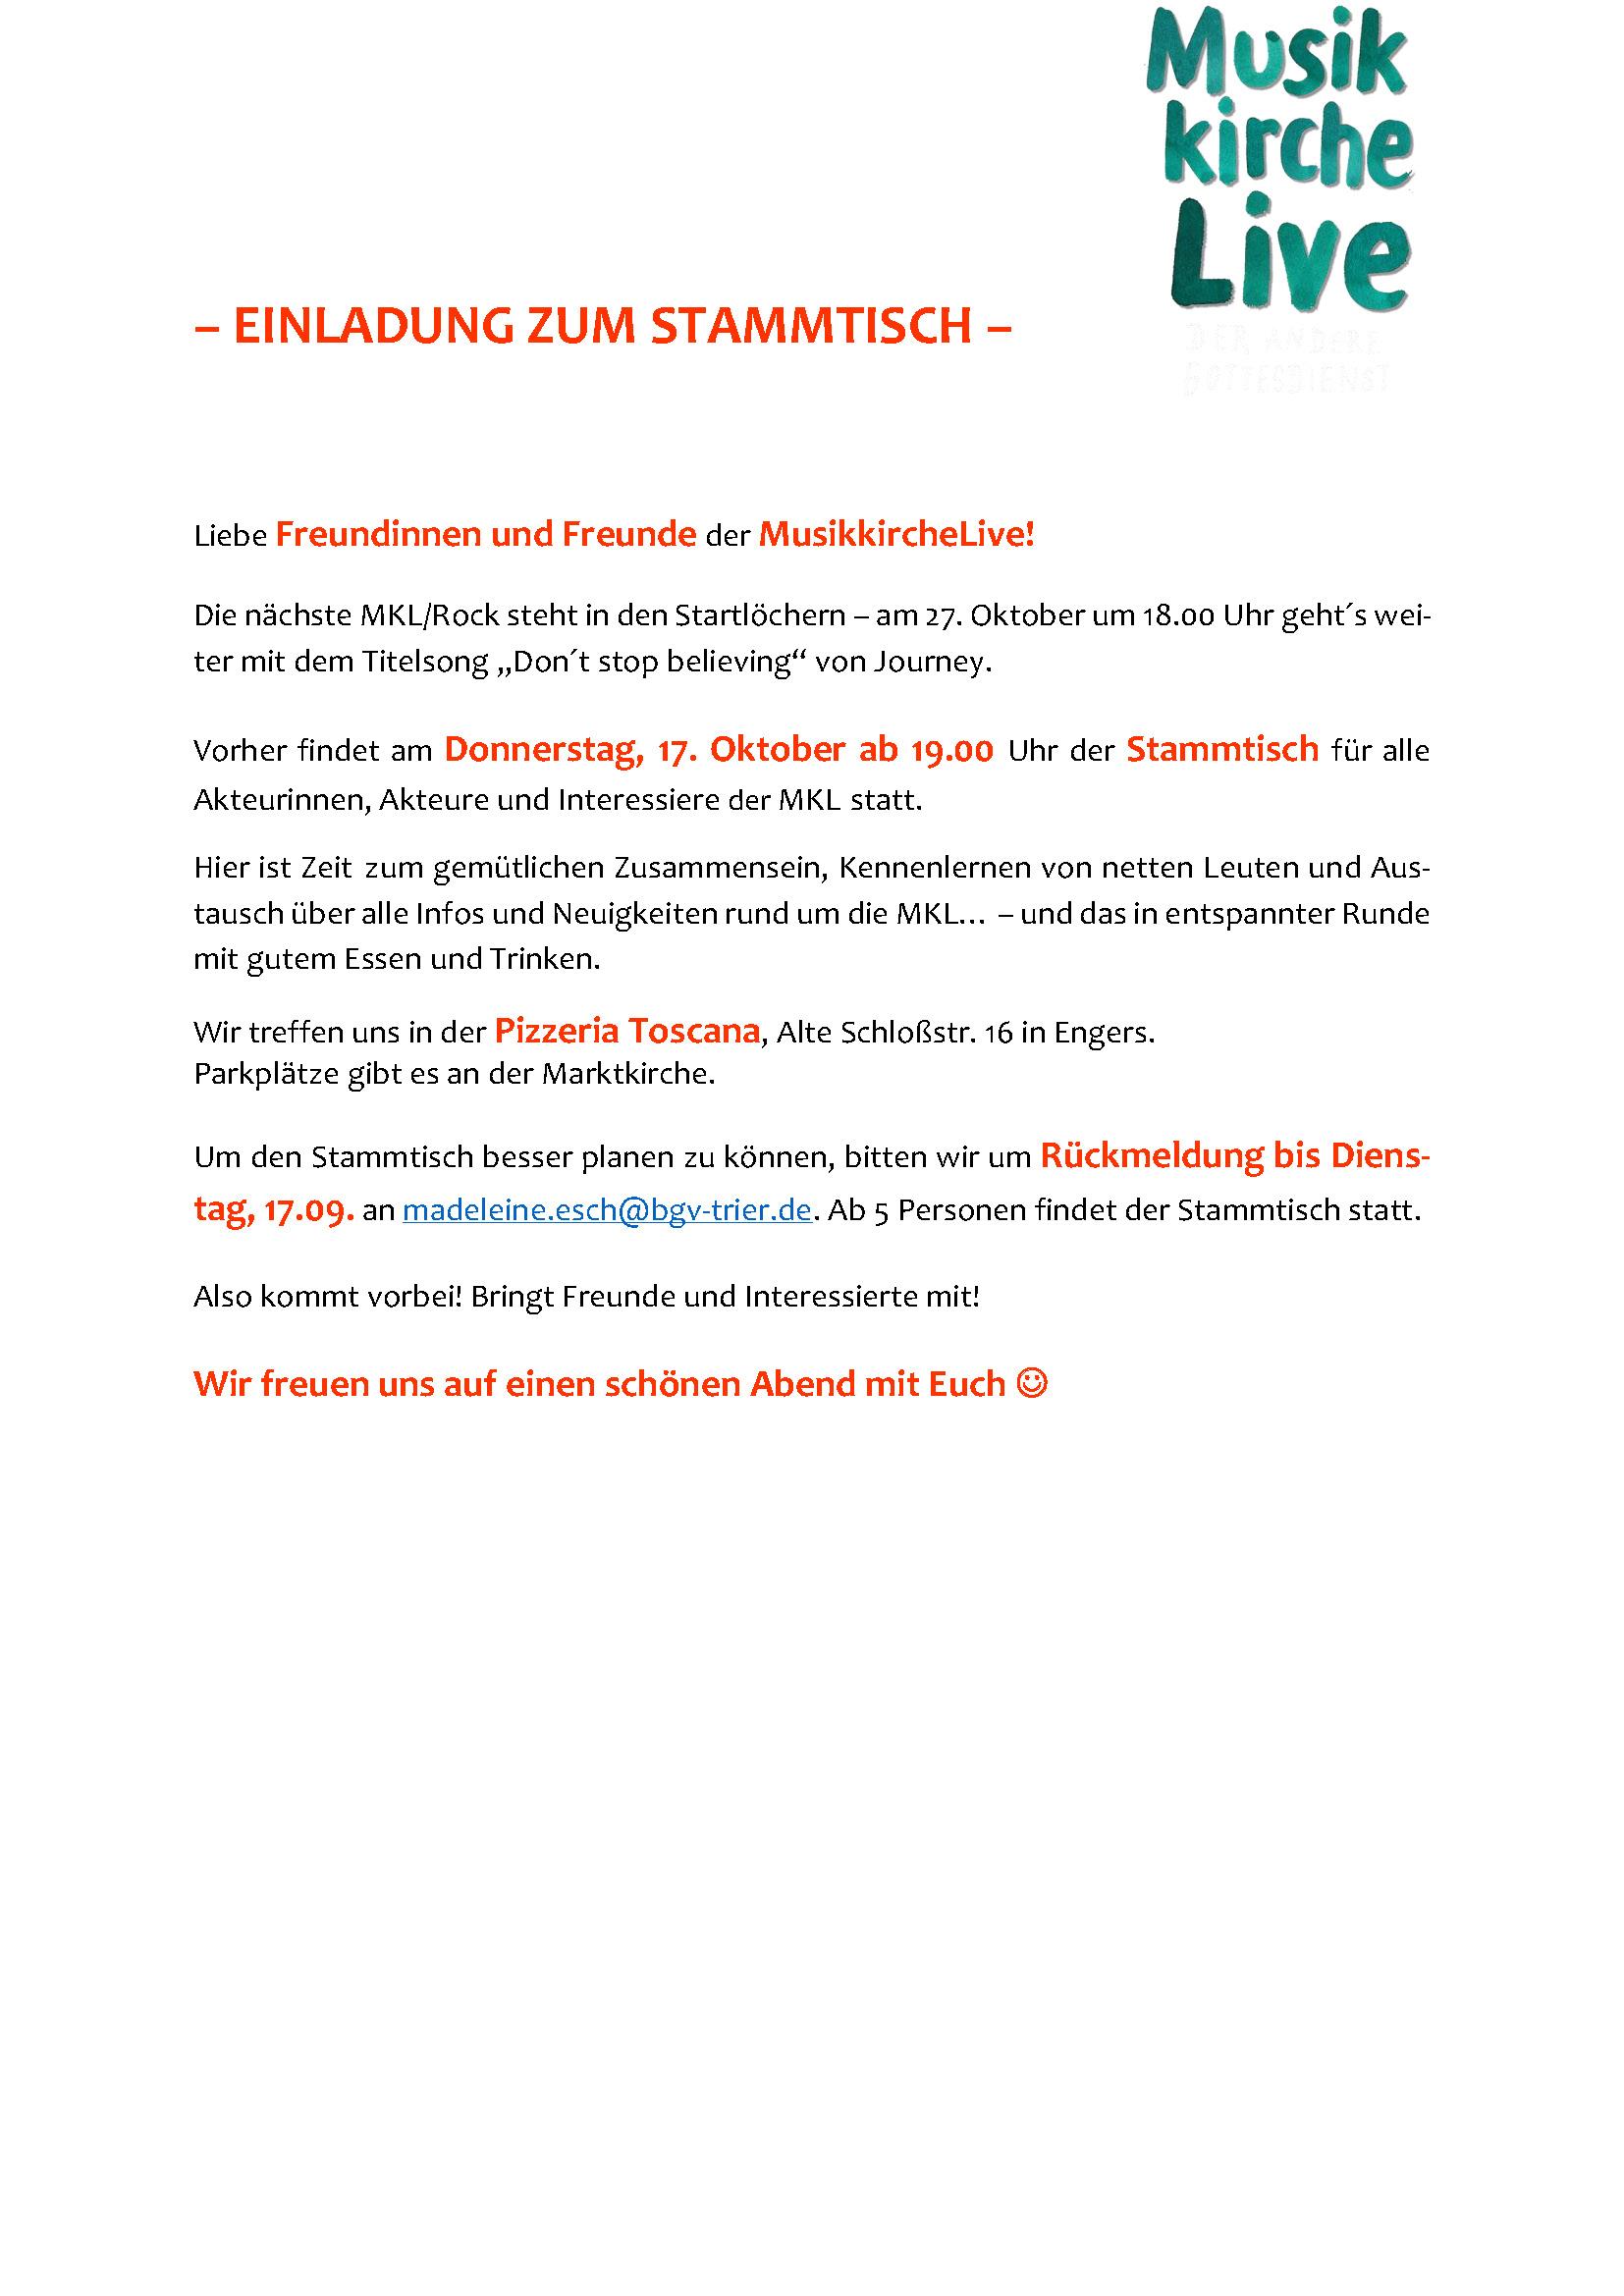 Einladung zum MKL Stammtisch